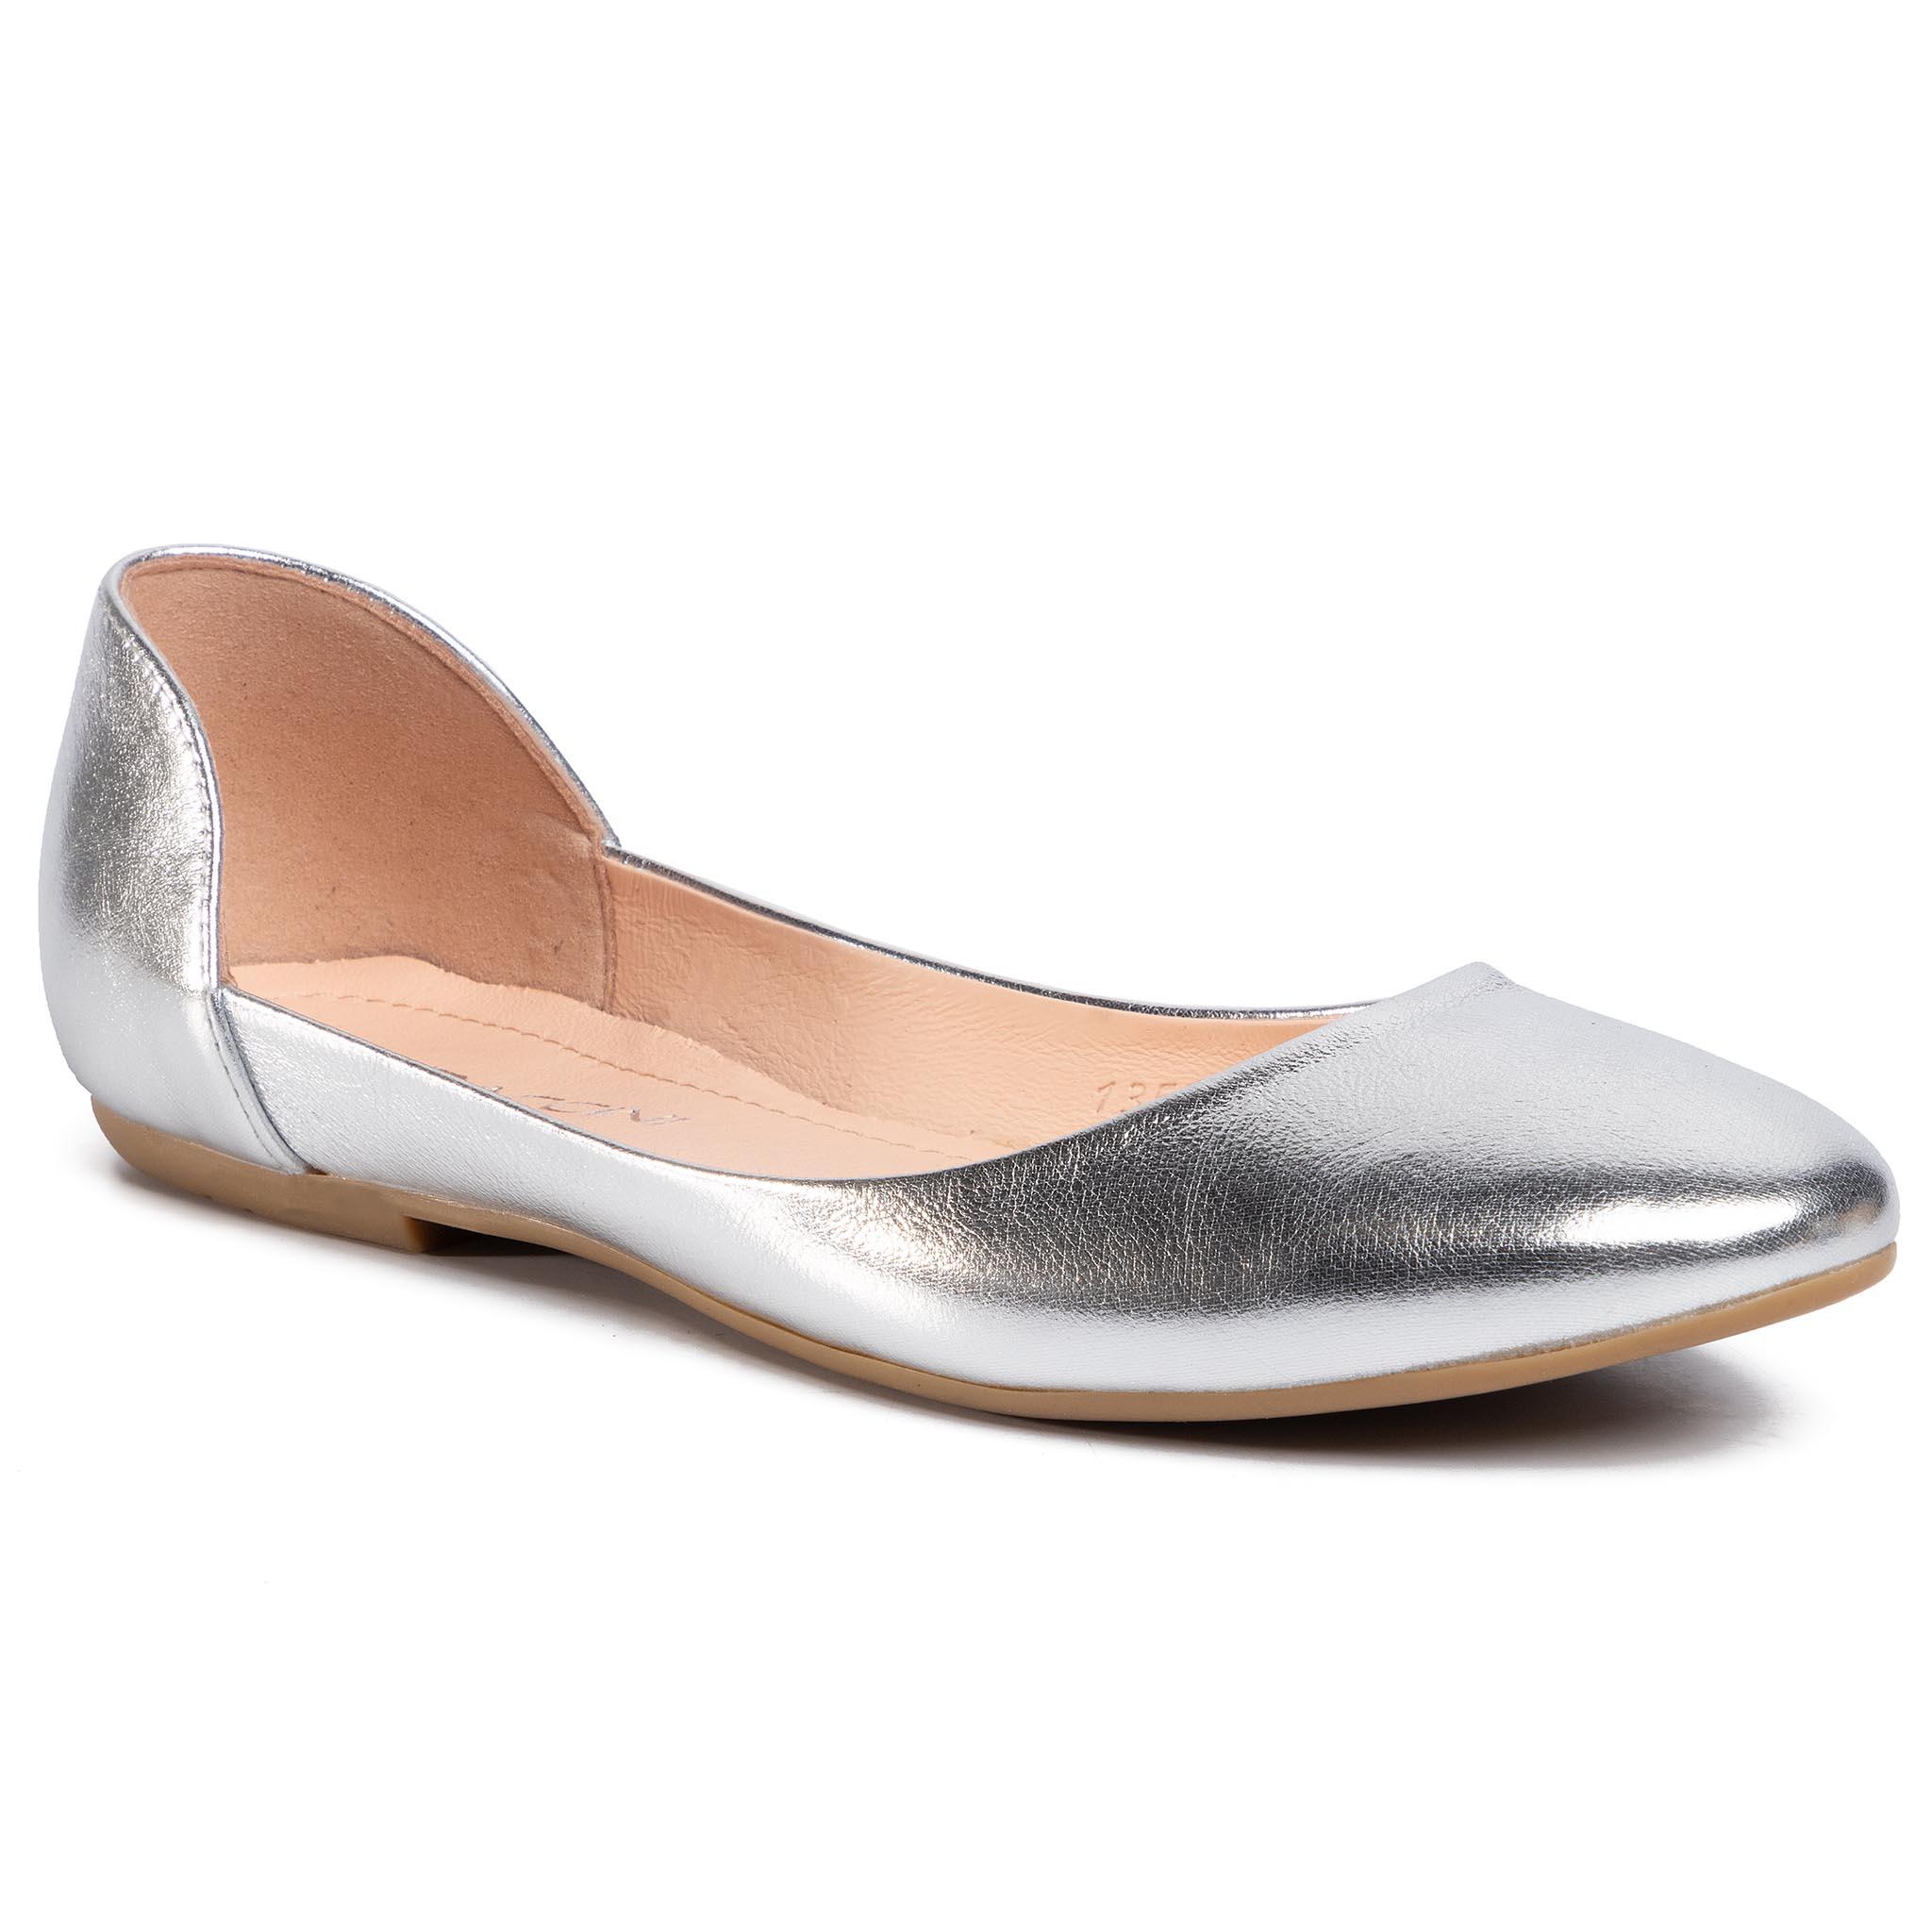 Image of Ballerinas BALDACCINI - 1358500 Silver Galaxy/E